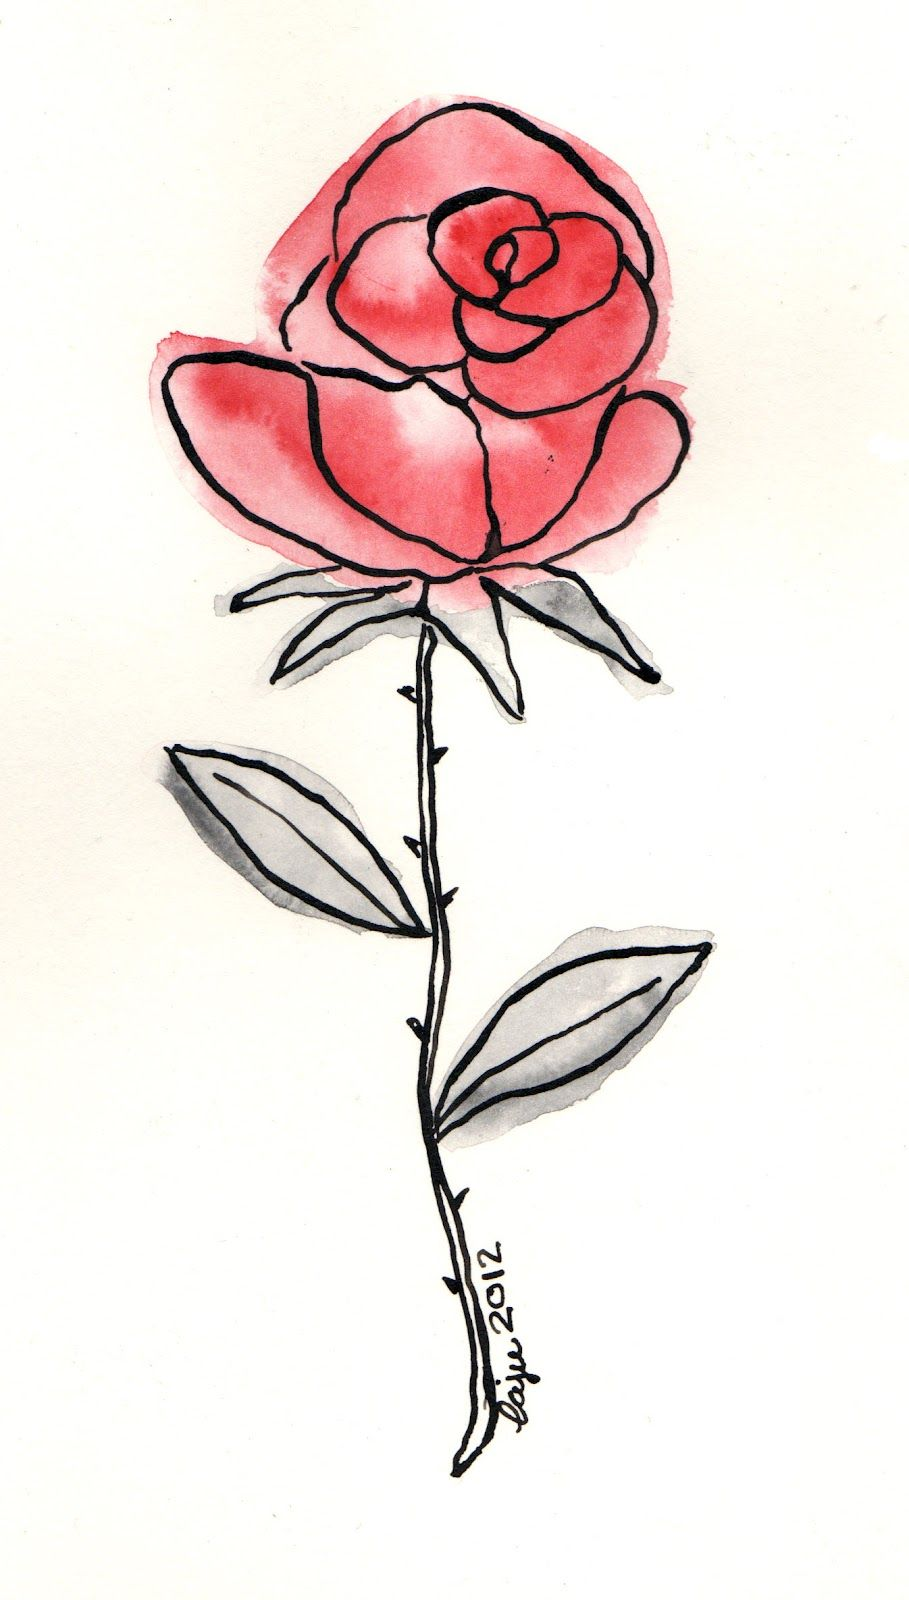 dibujo rosa - Google Search | Dibujo de rosas, Dibujos, Tatuaje de ...